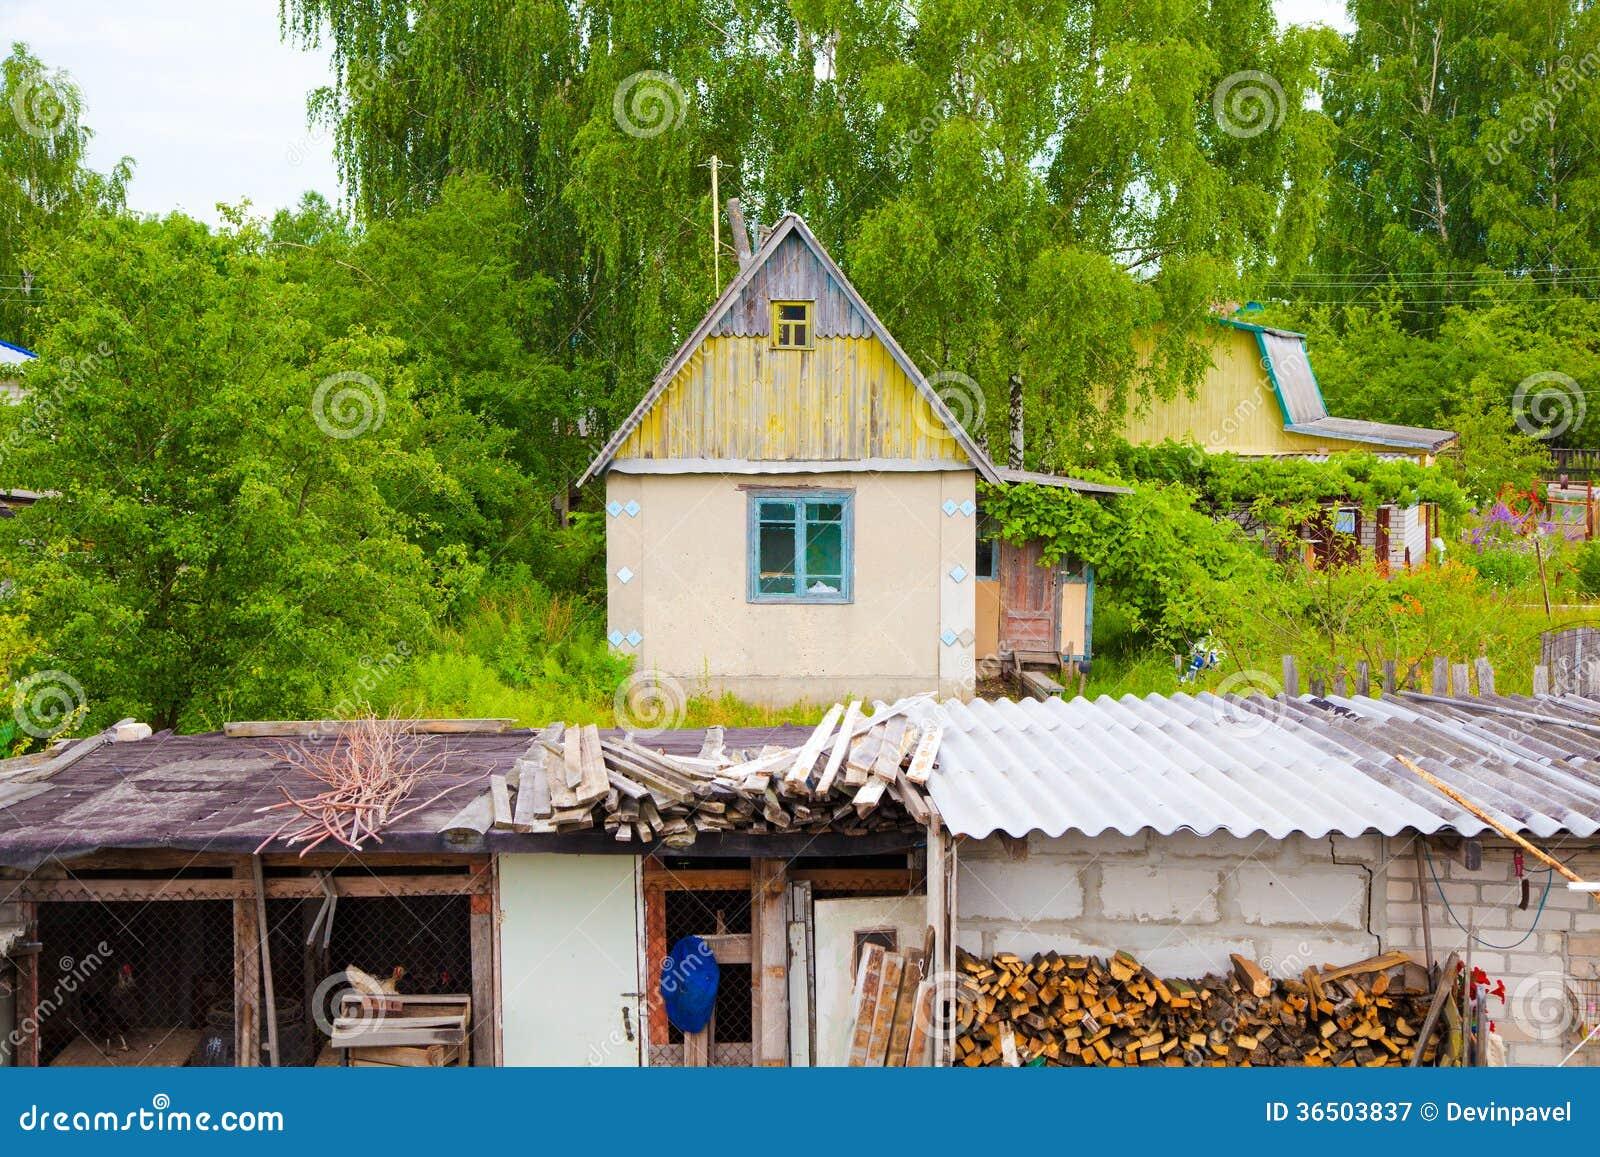 Maison de campagne, la vie rurale